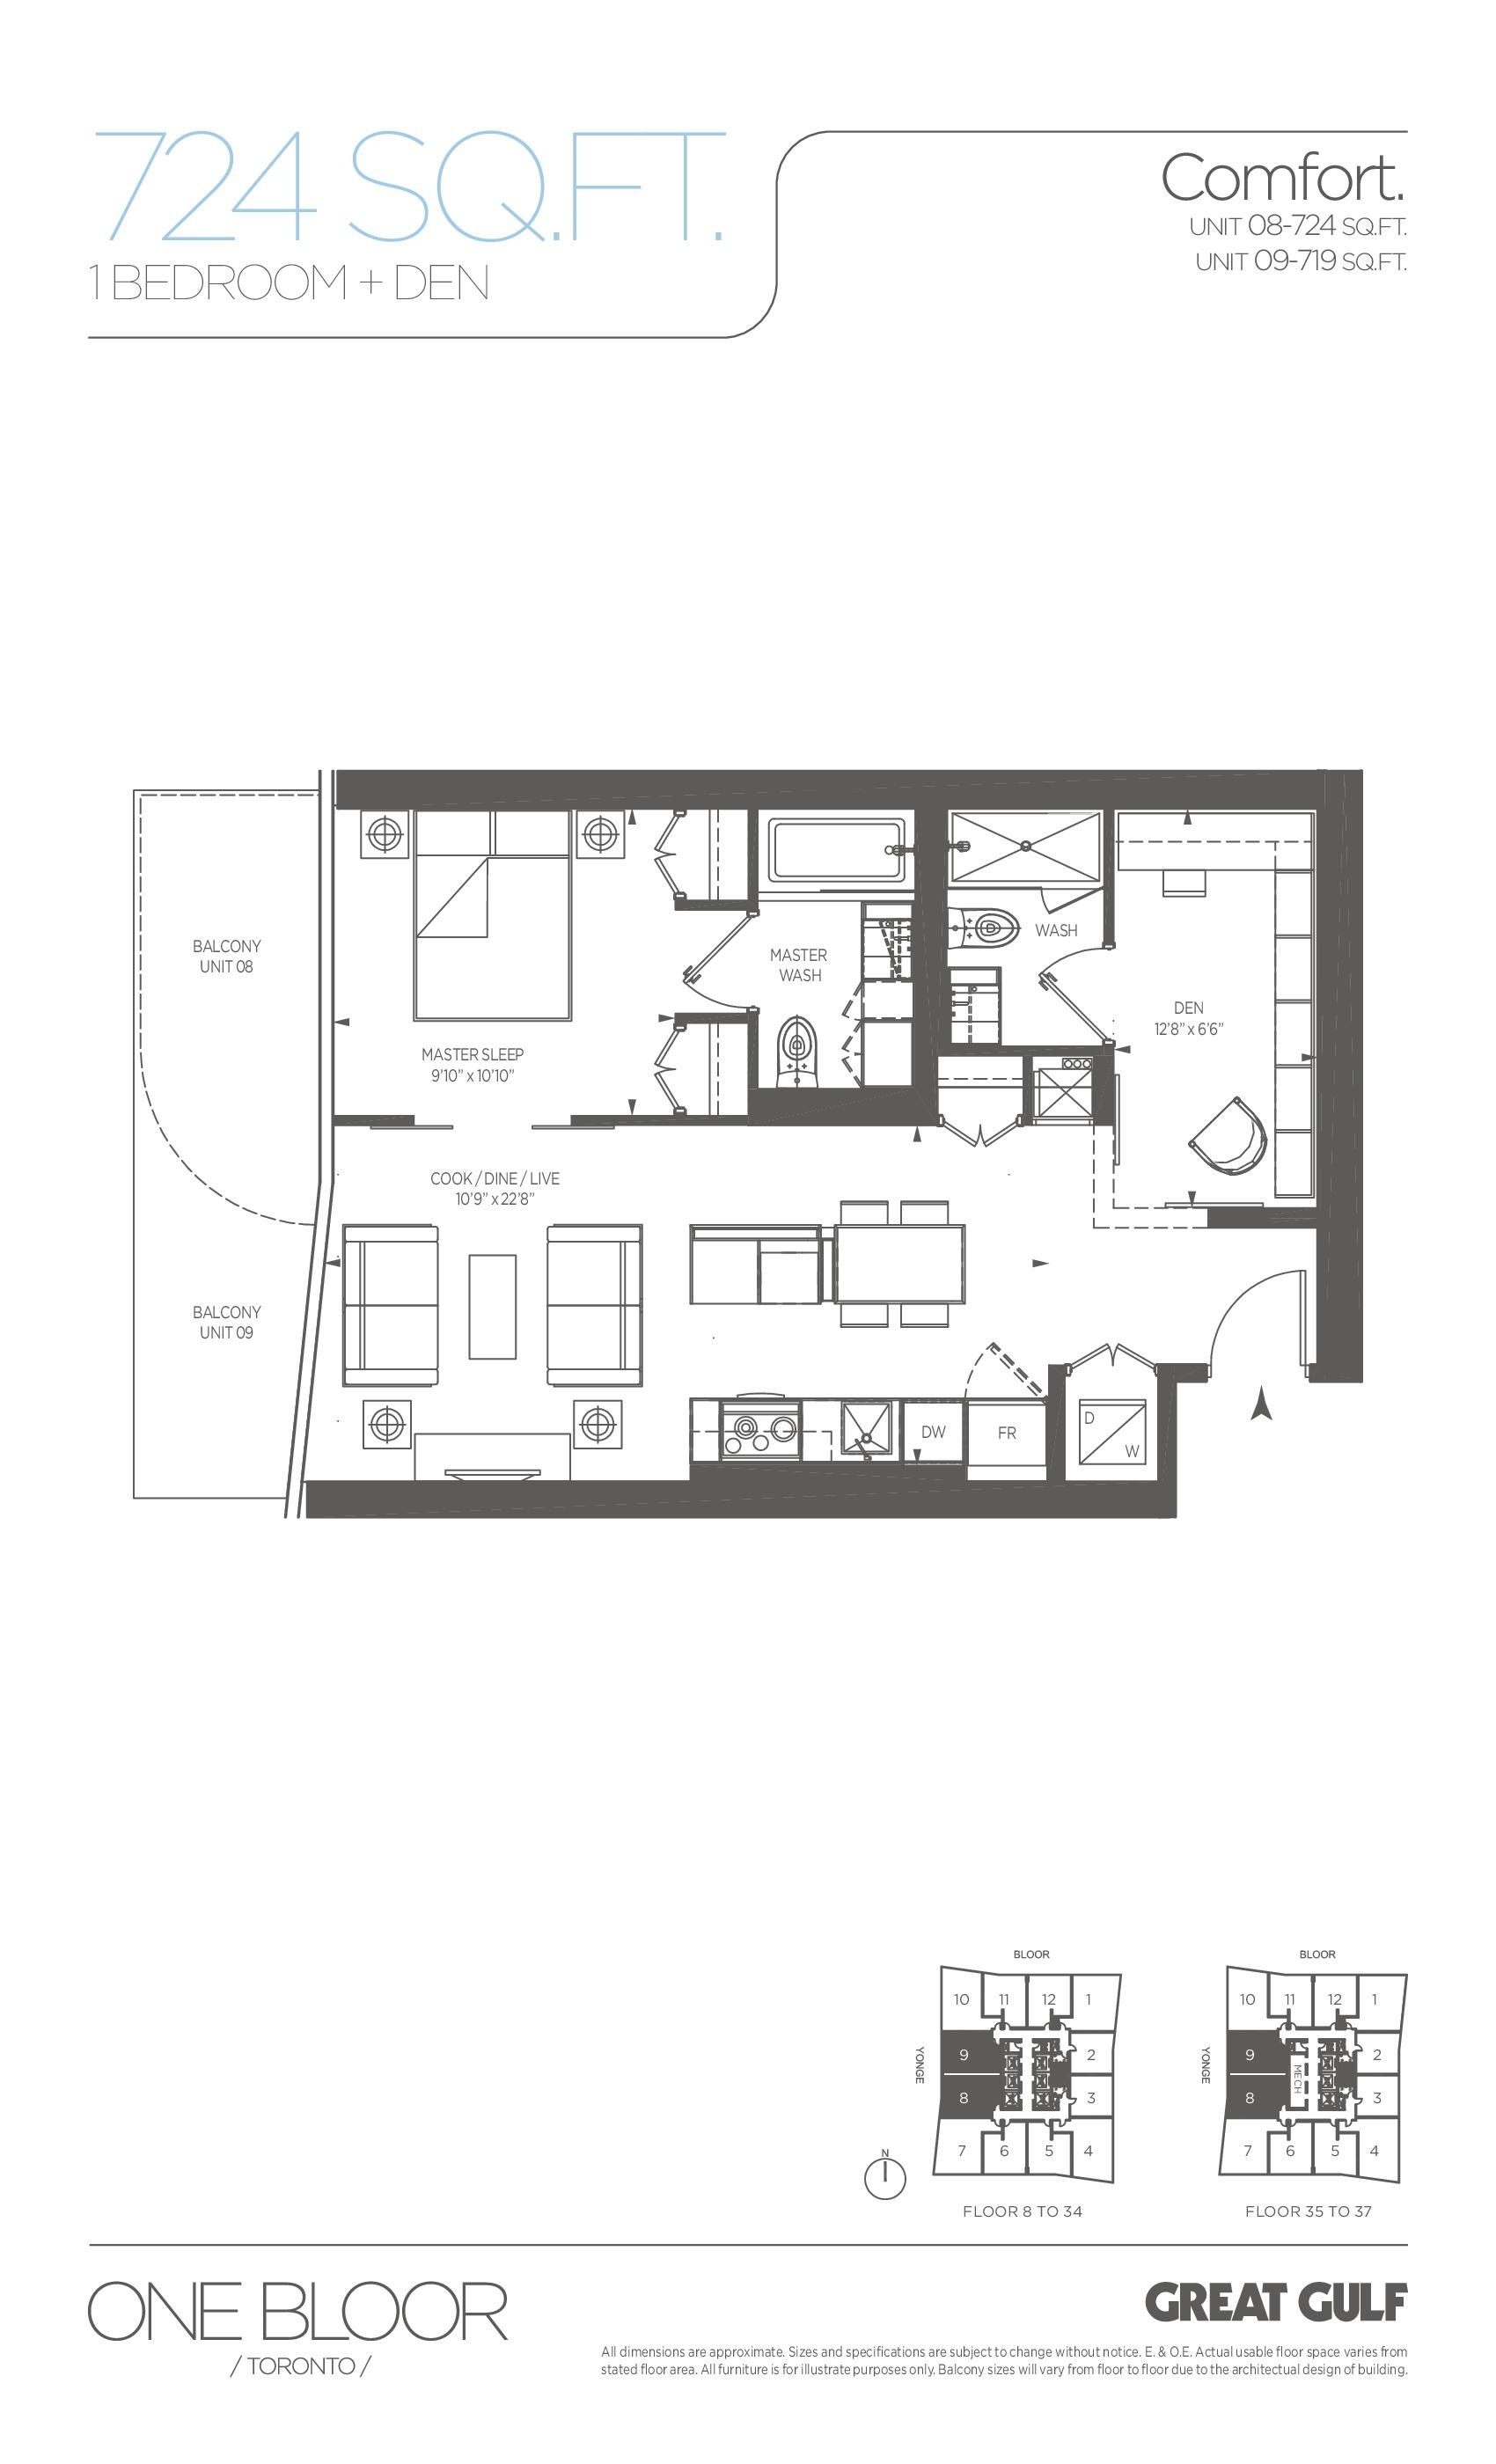 Comfort Floor Plan at One Bloor Condos - 724 sq.ft